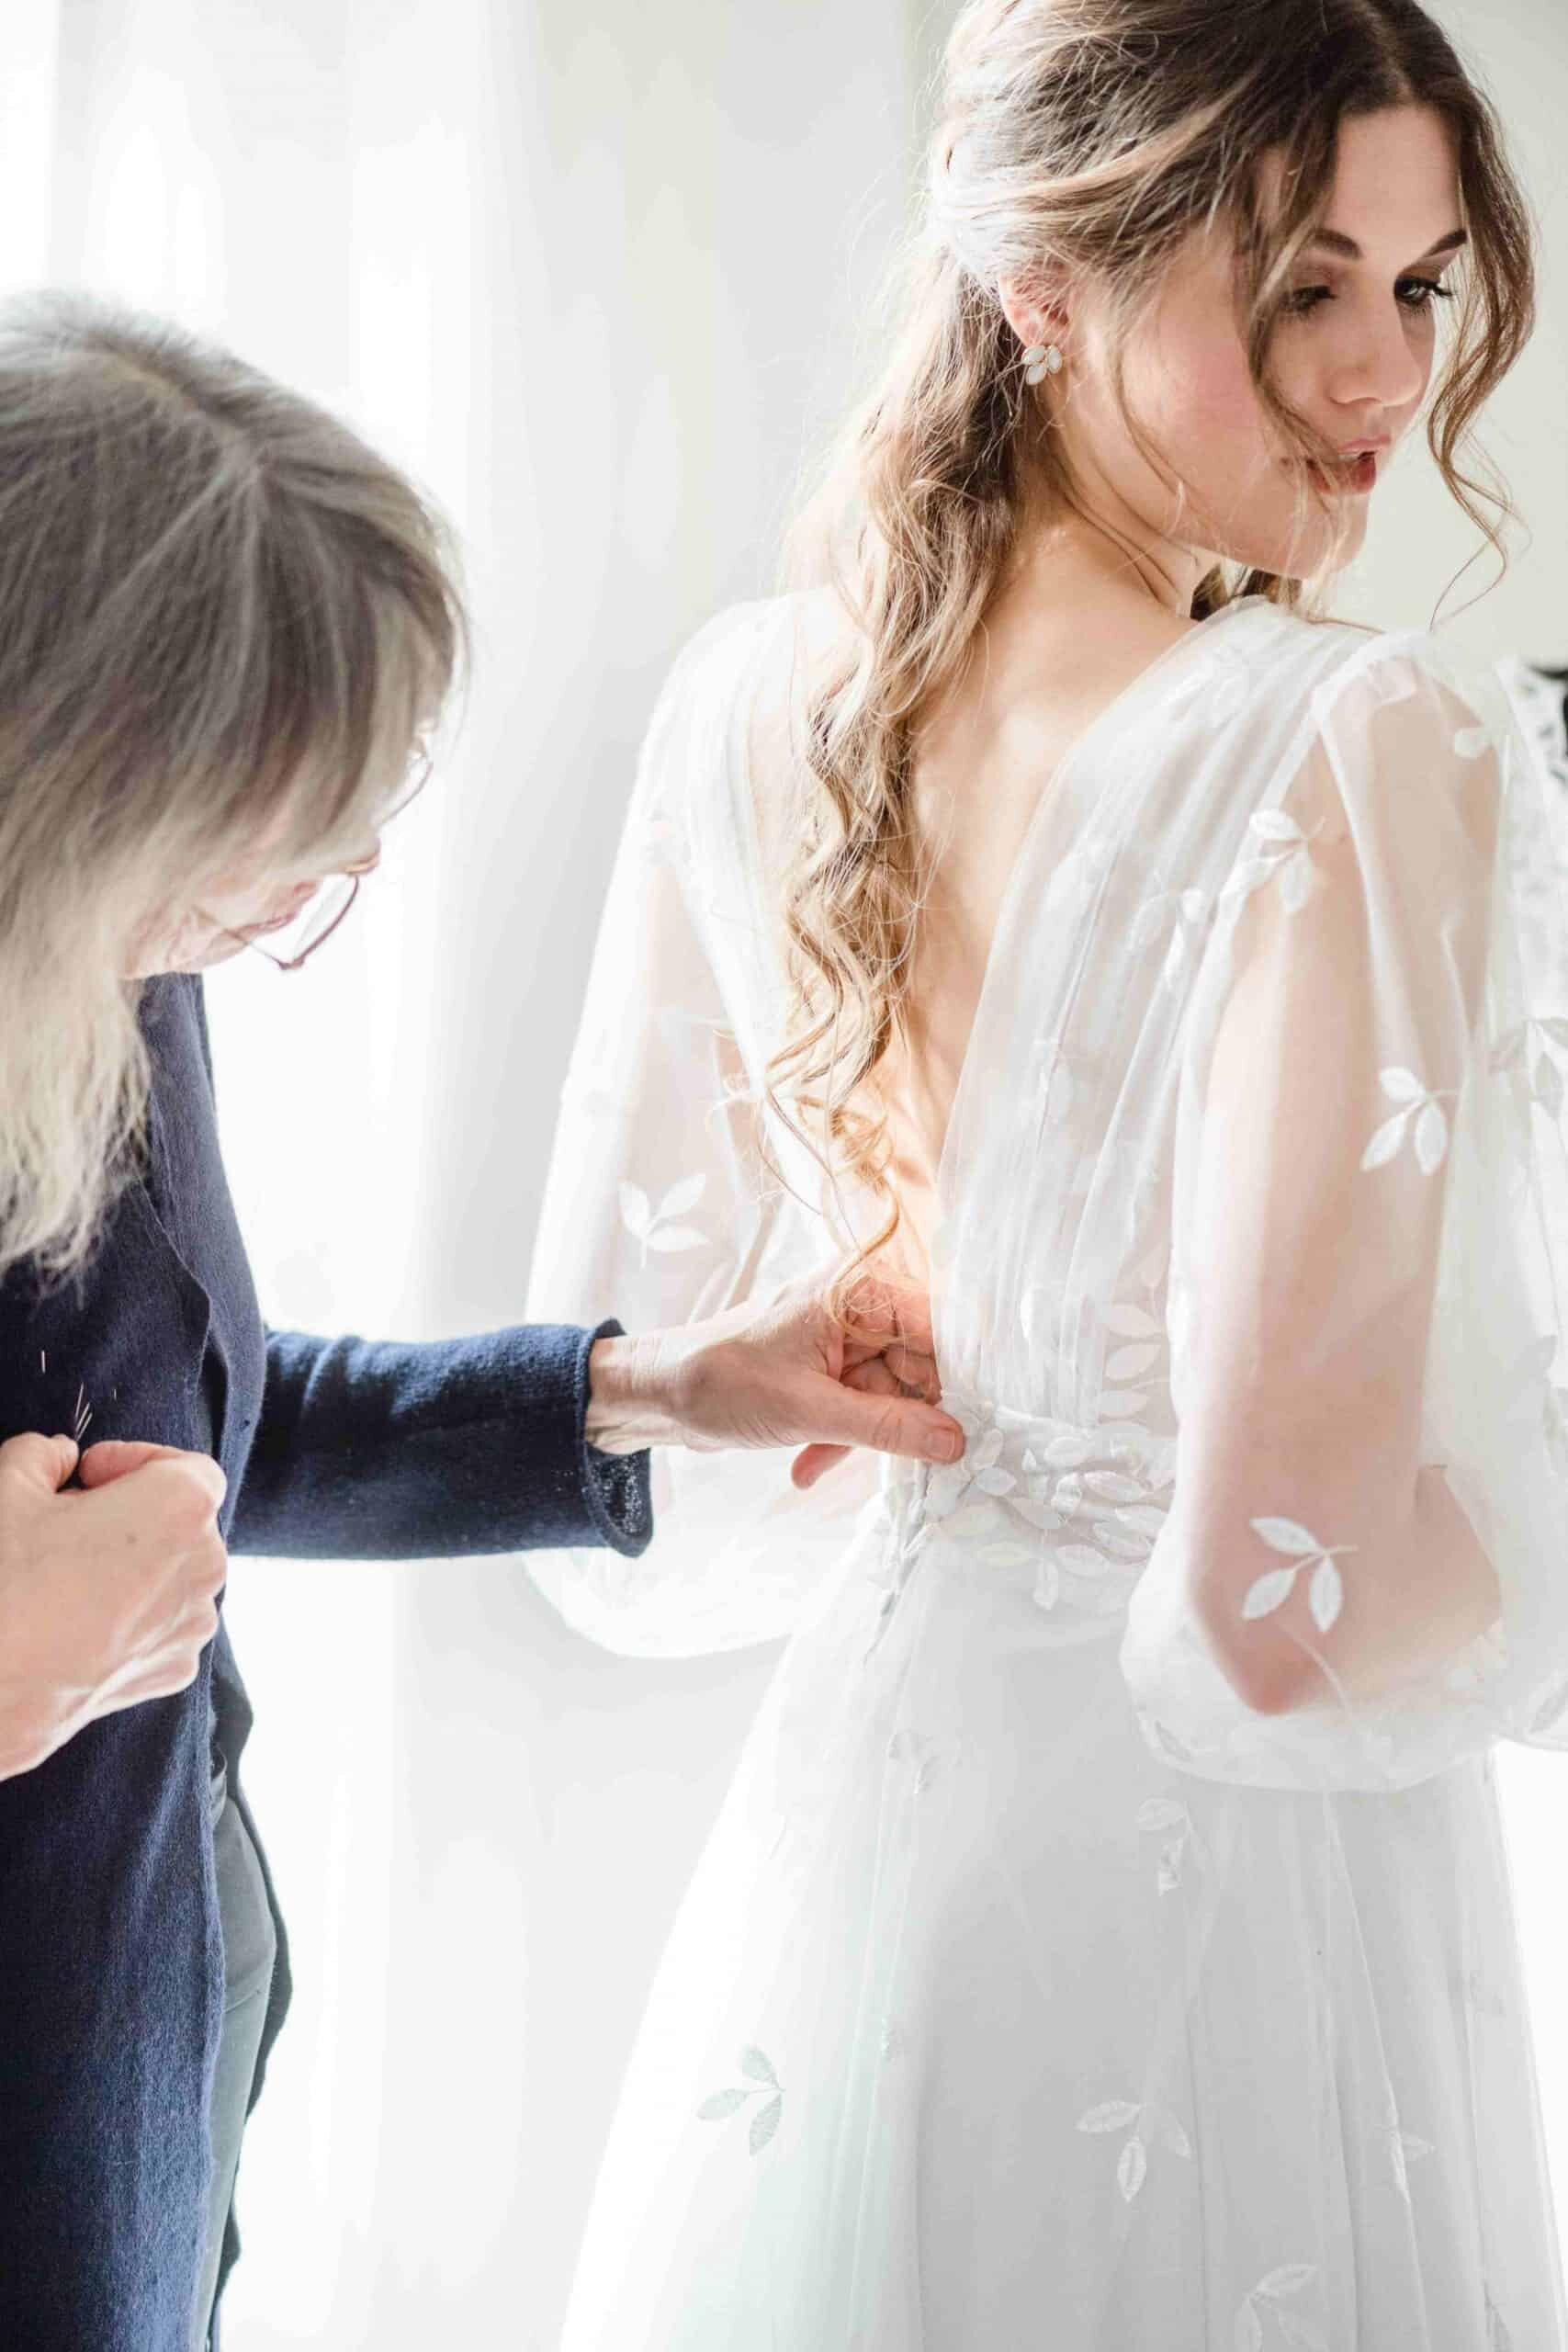 Brautkleider Mieten Wunderschone Auswahl